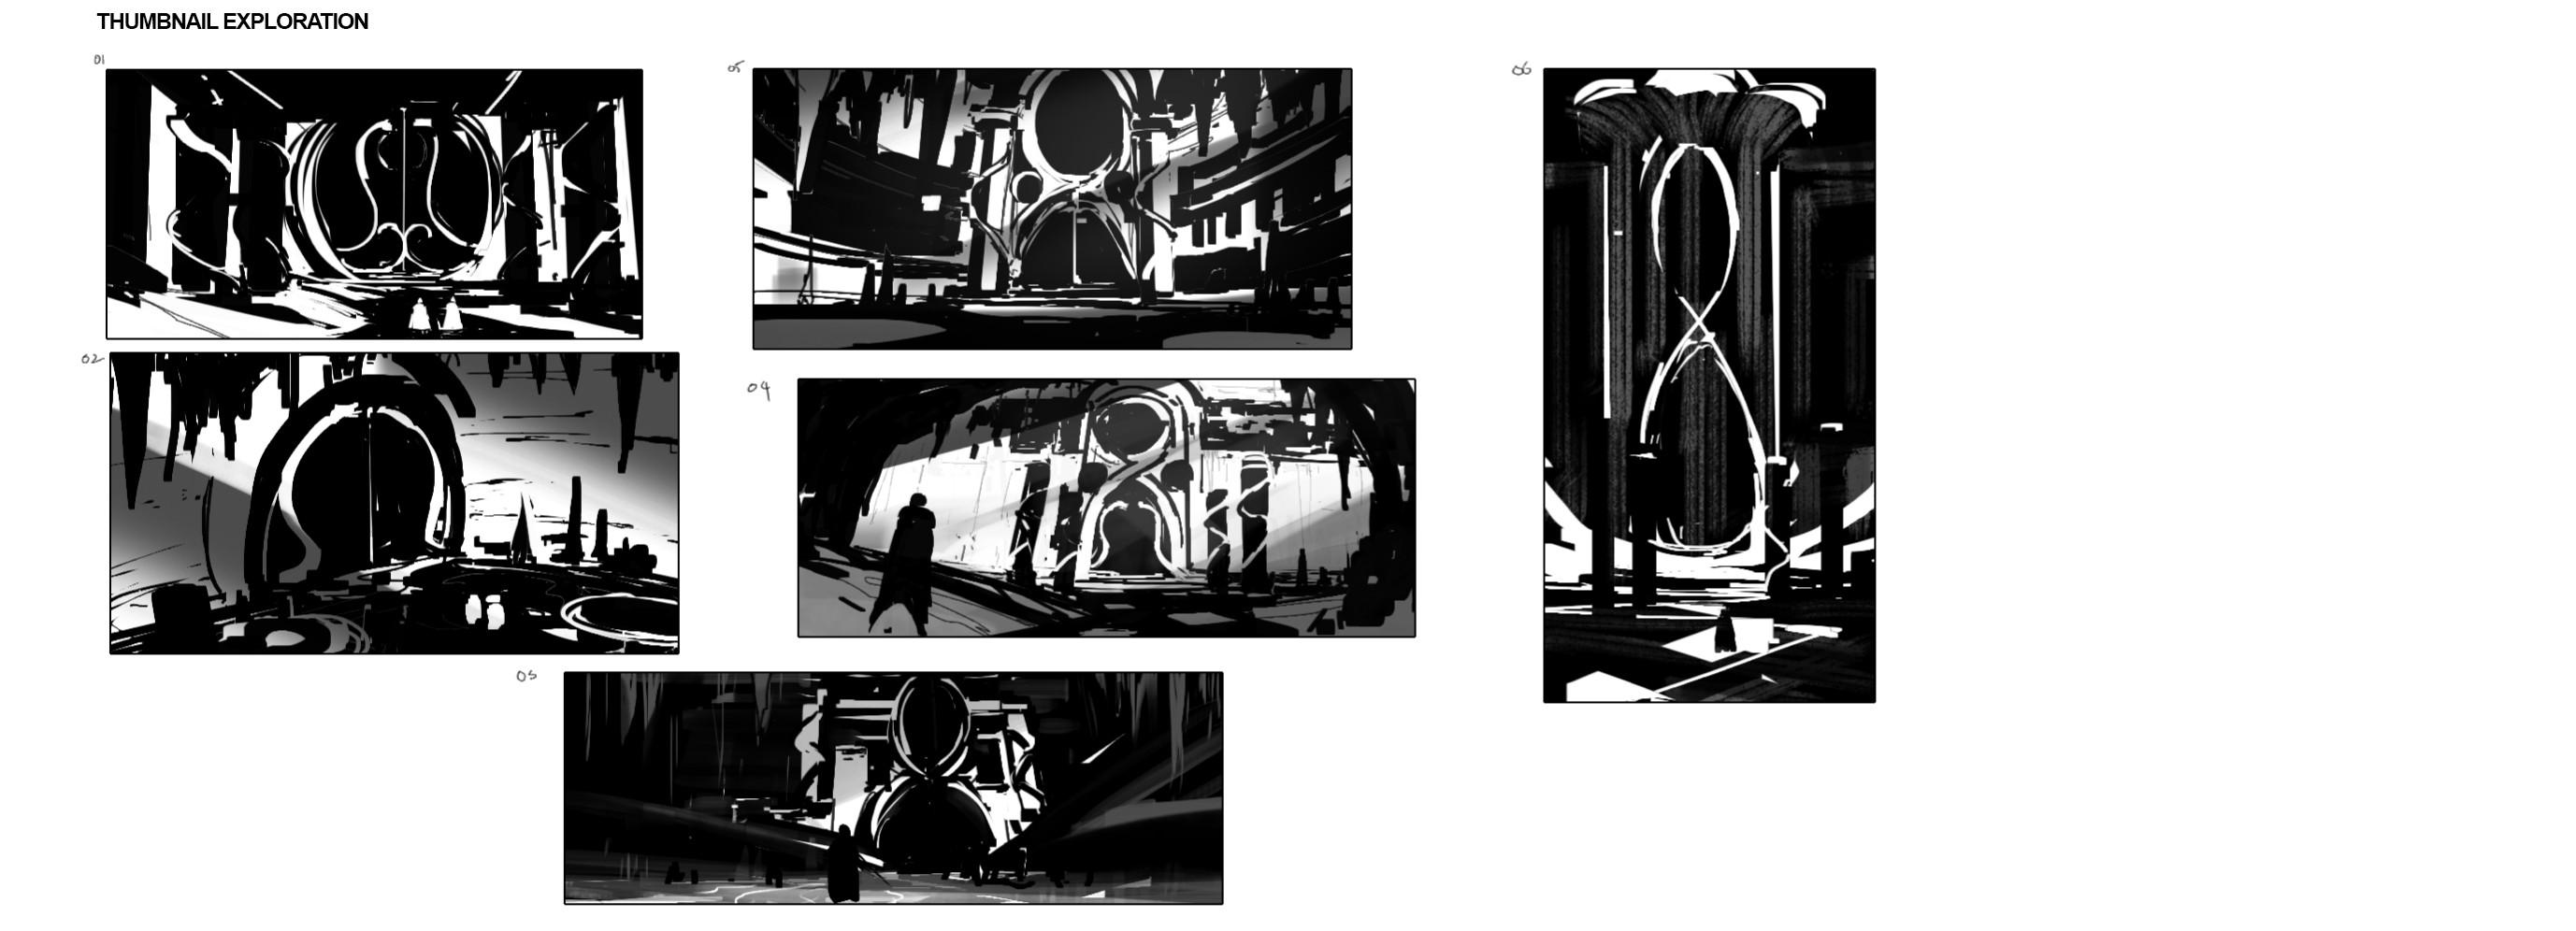 Thumbnail Exploration 02